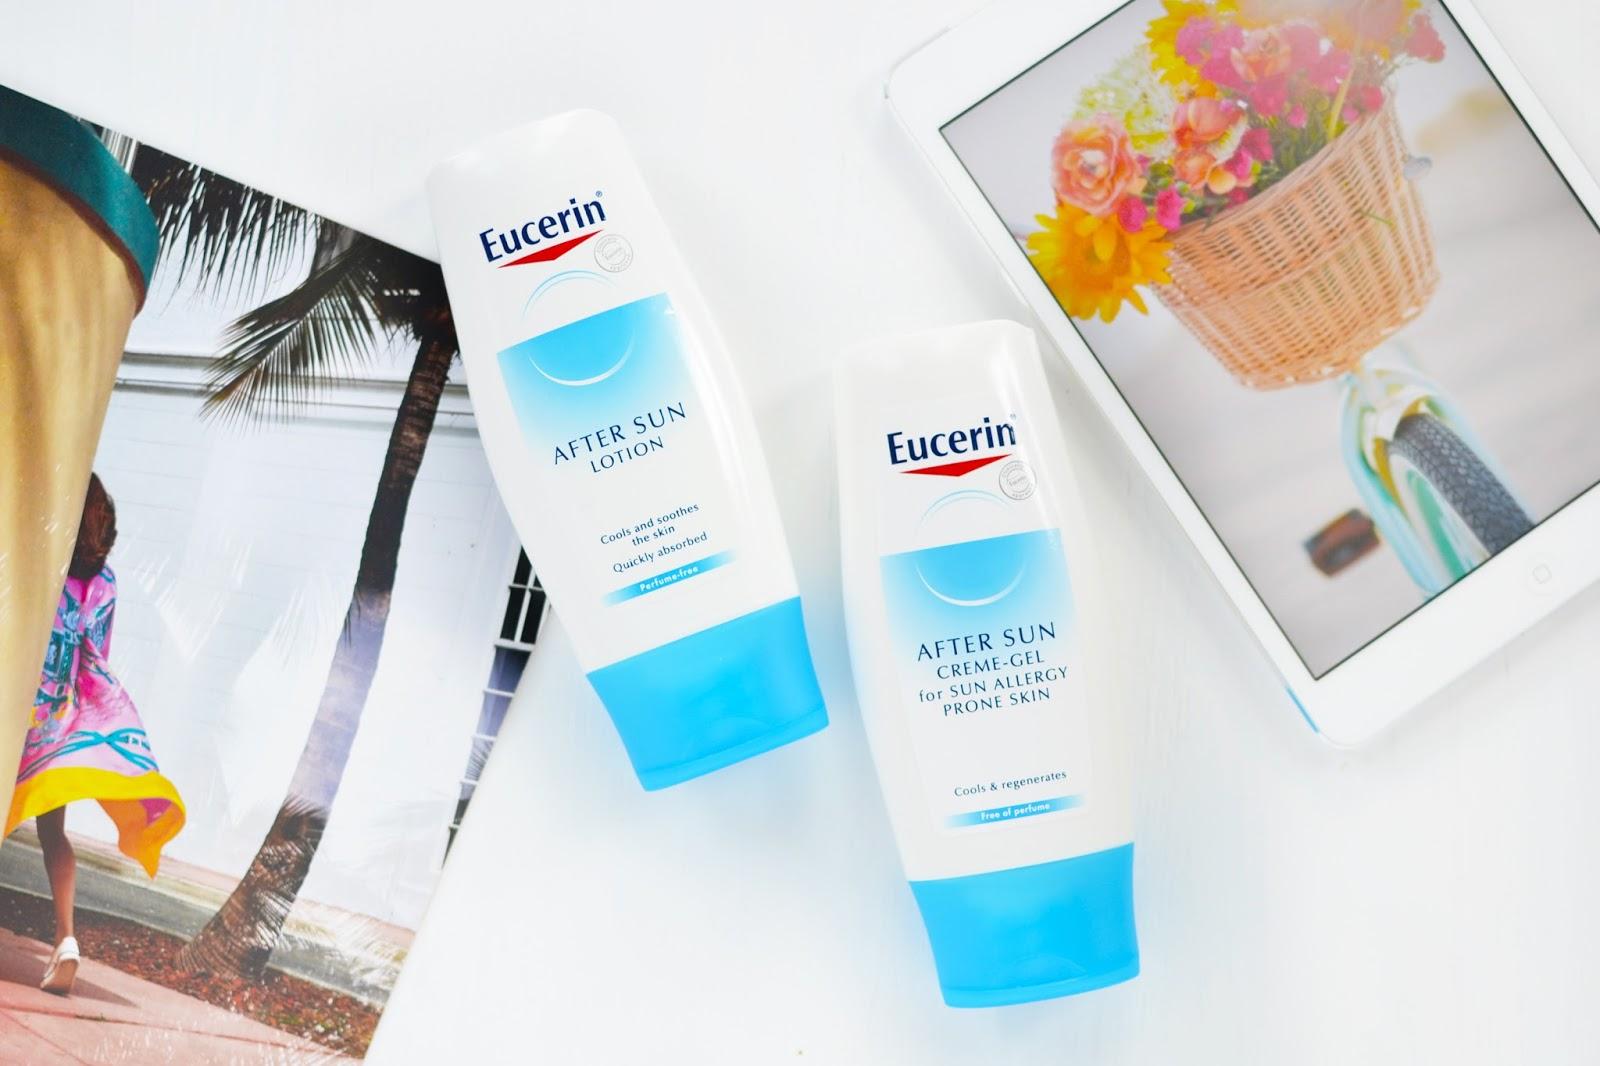 eurecin sun care after sun lotion